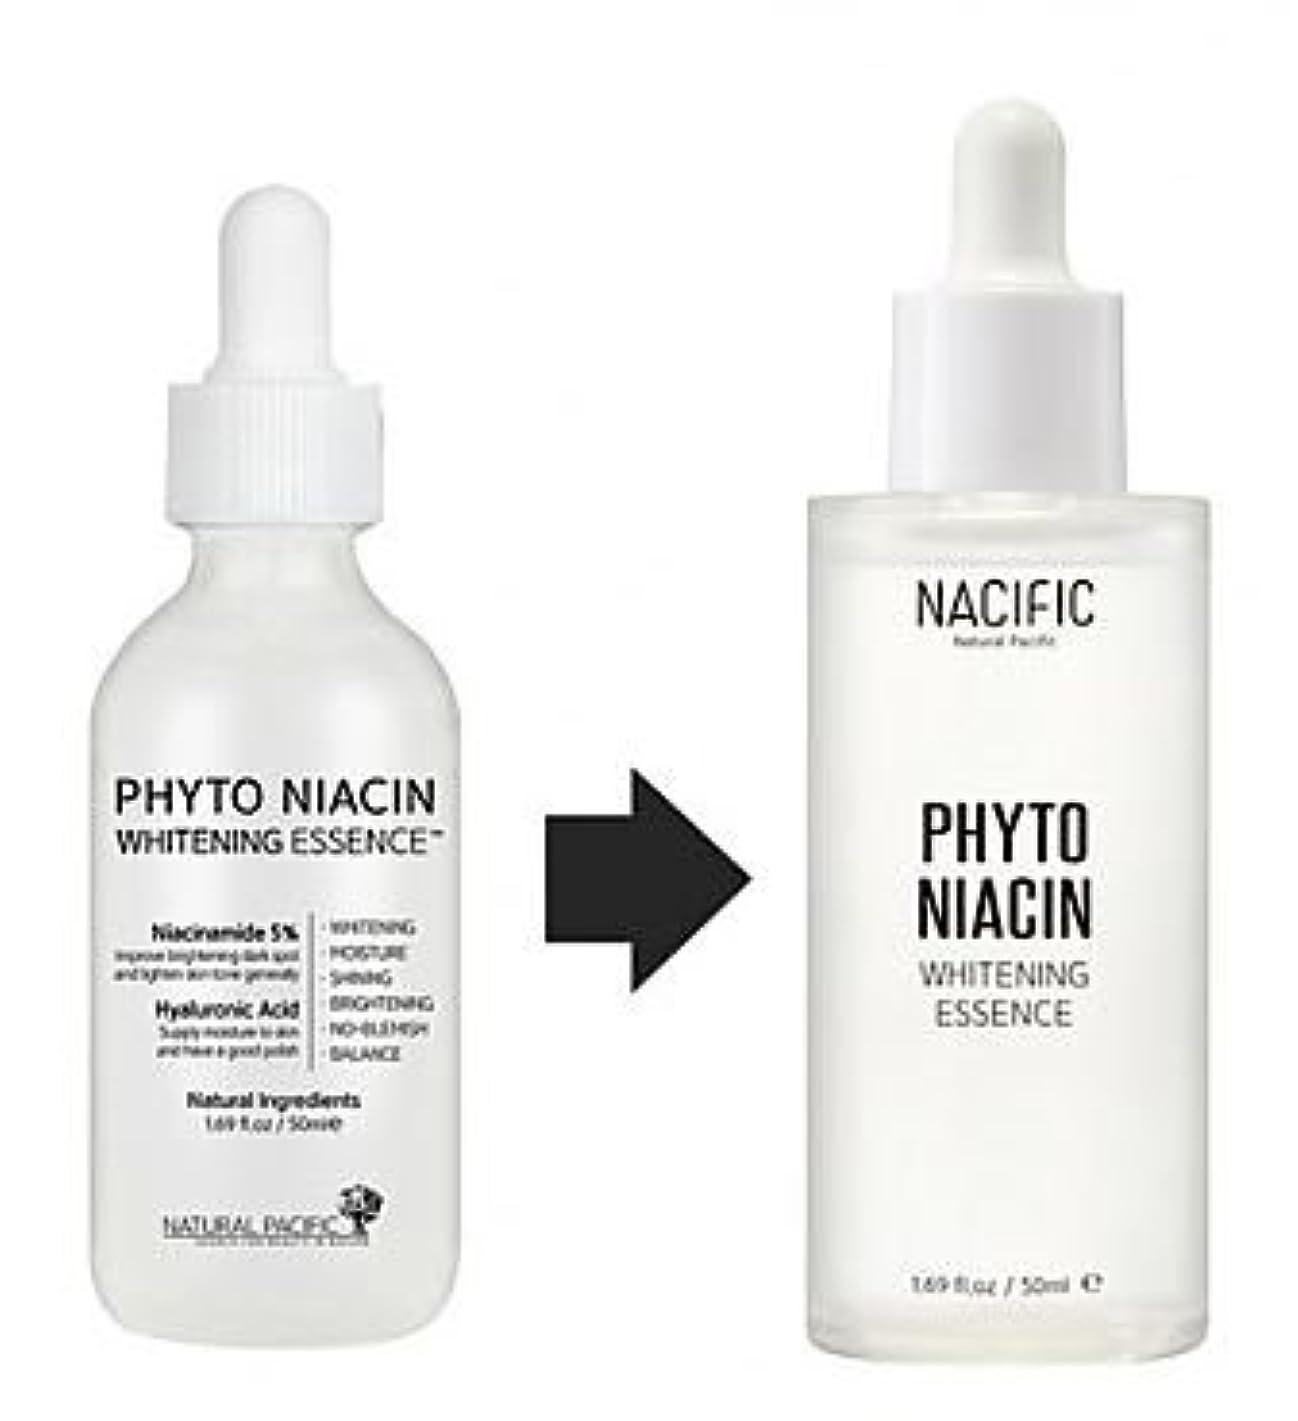 兵隊報いる前書き[NACIFIC]Phyto Niacin Whitening Essence 50ml/ナチュラルパシフィック フィト ナイアシン ホワイトニング エッセンス 50ml [並行輸入品]